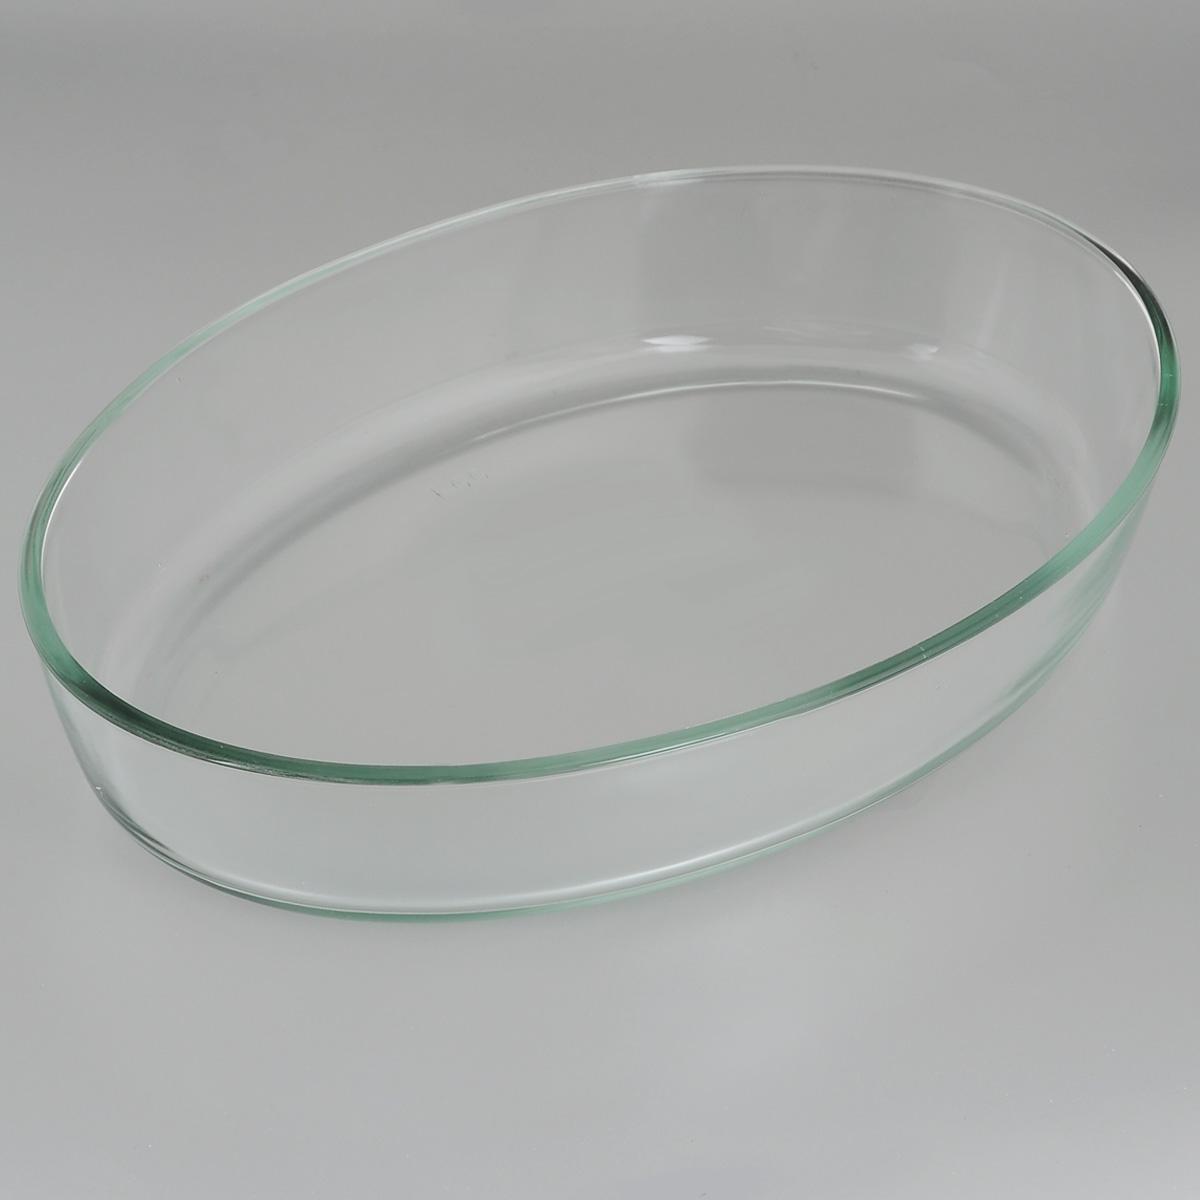 Форма для запекания Mijotex, овальная, 39 см х 27 смPL9Овальная форма для запекания Mijotex изготовлена из жаропрочного стекла, которое выдерживает температуру до +450°С. Форма предназначена для приготовления горячих блюд. Материал изделия гигиеничен, прост в уходе и обладает высокой степенью прочности. Форма идеально подходит для использования в духовках, микроволновых печах, холодильниках и морозильных камерах. Также ее можно использовать на газовых плитах (на слабом огне) и на электроплитах. Можно мыть в посудомоечной машине.Размер формы (по верхнему краю): 39 см х 27 см.Высота стенки формы: 6 см.